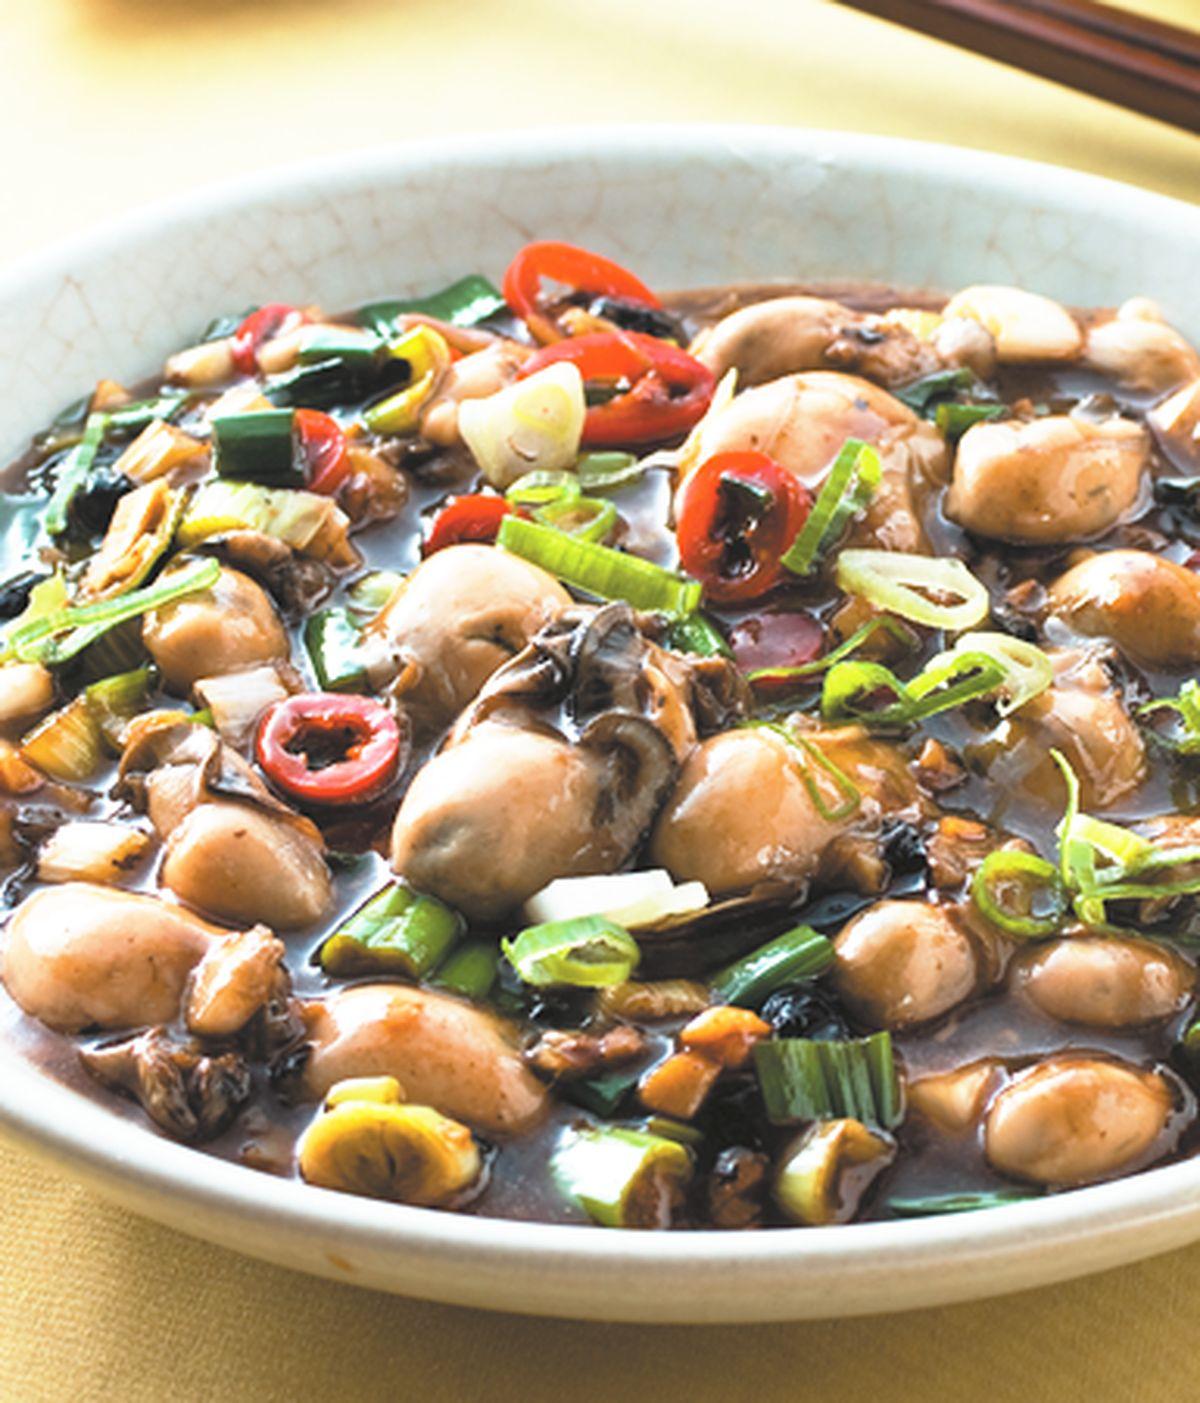 【食譜】豆豉鮮蚵(2):www.ytower.com.tw